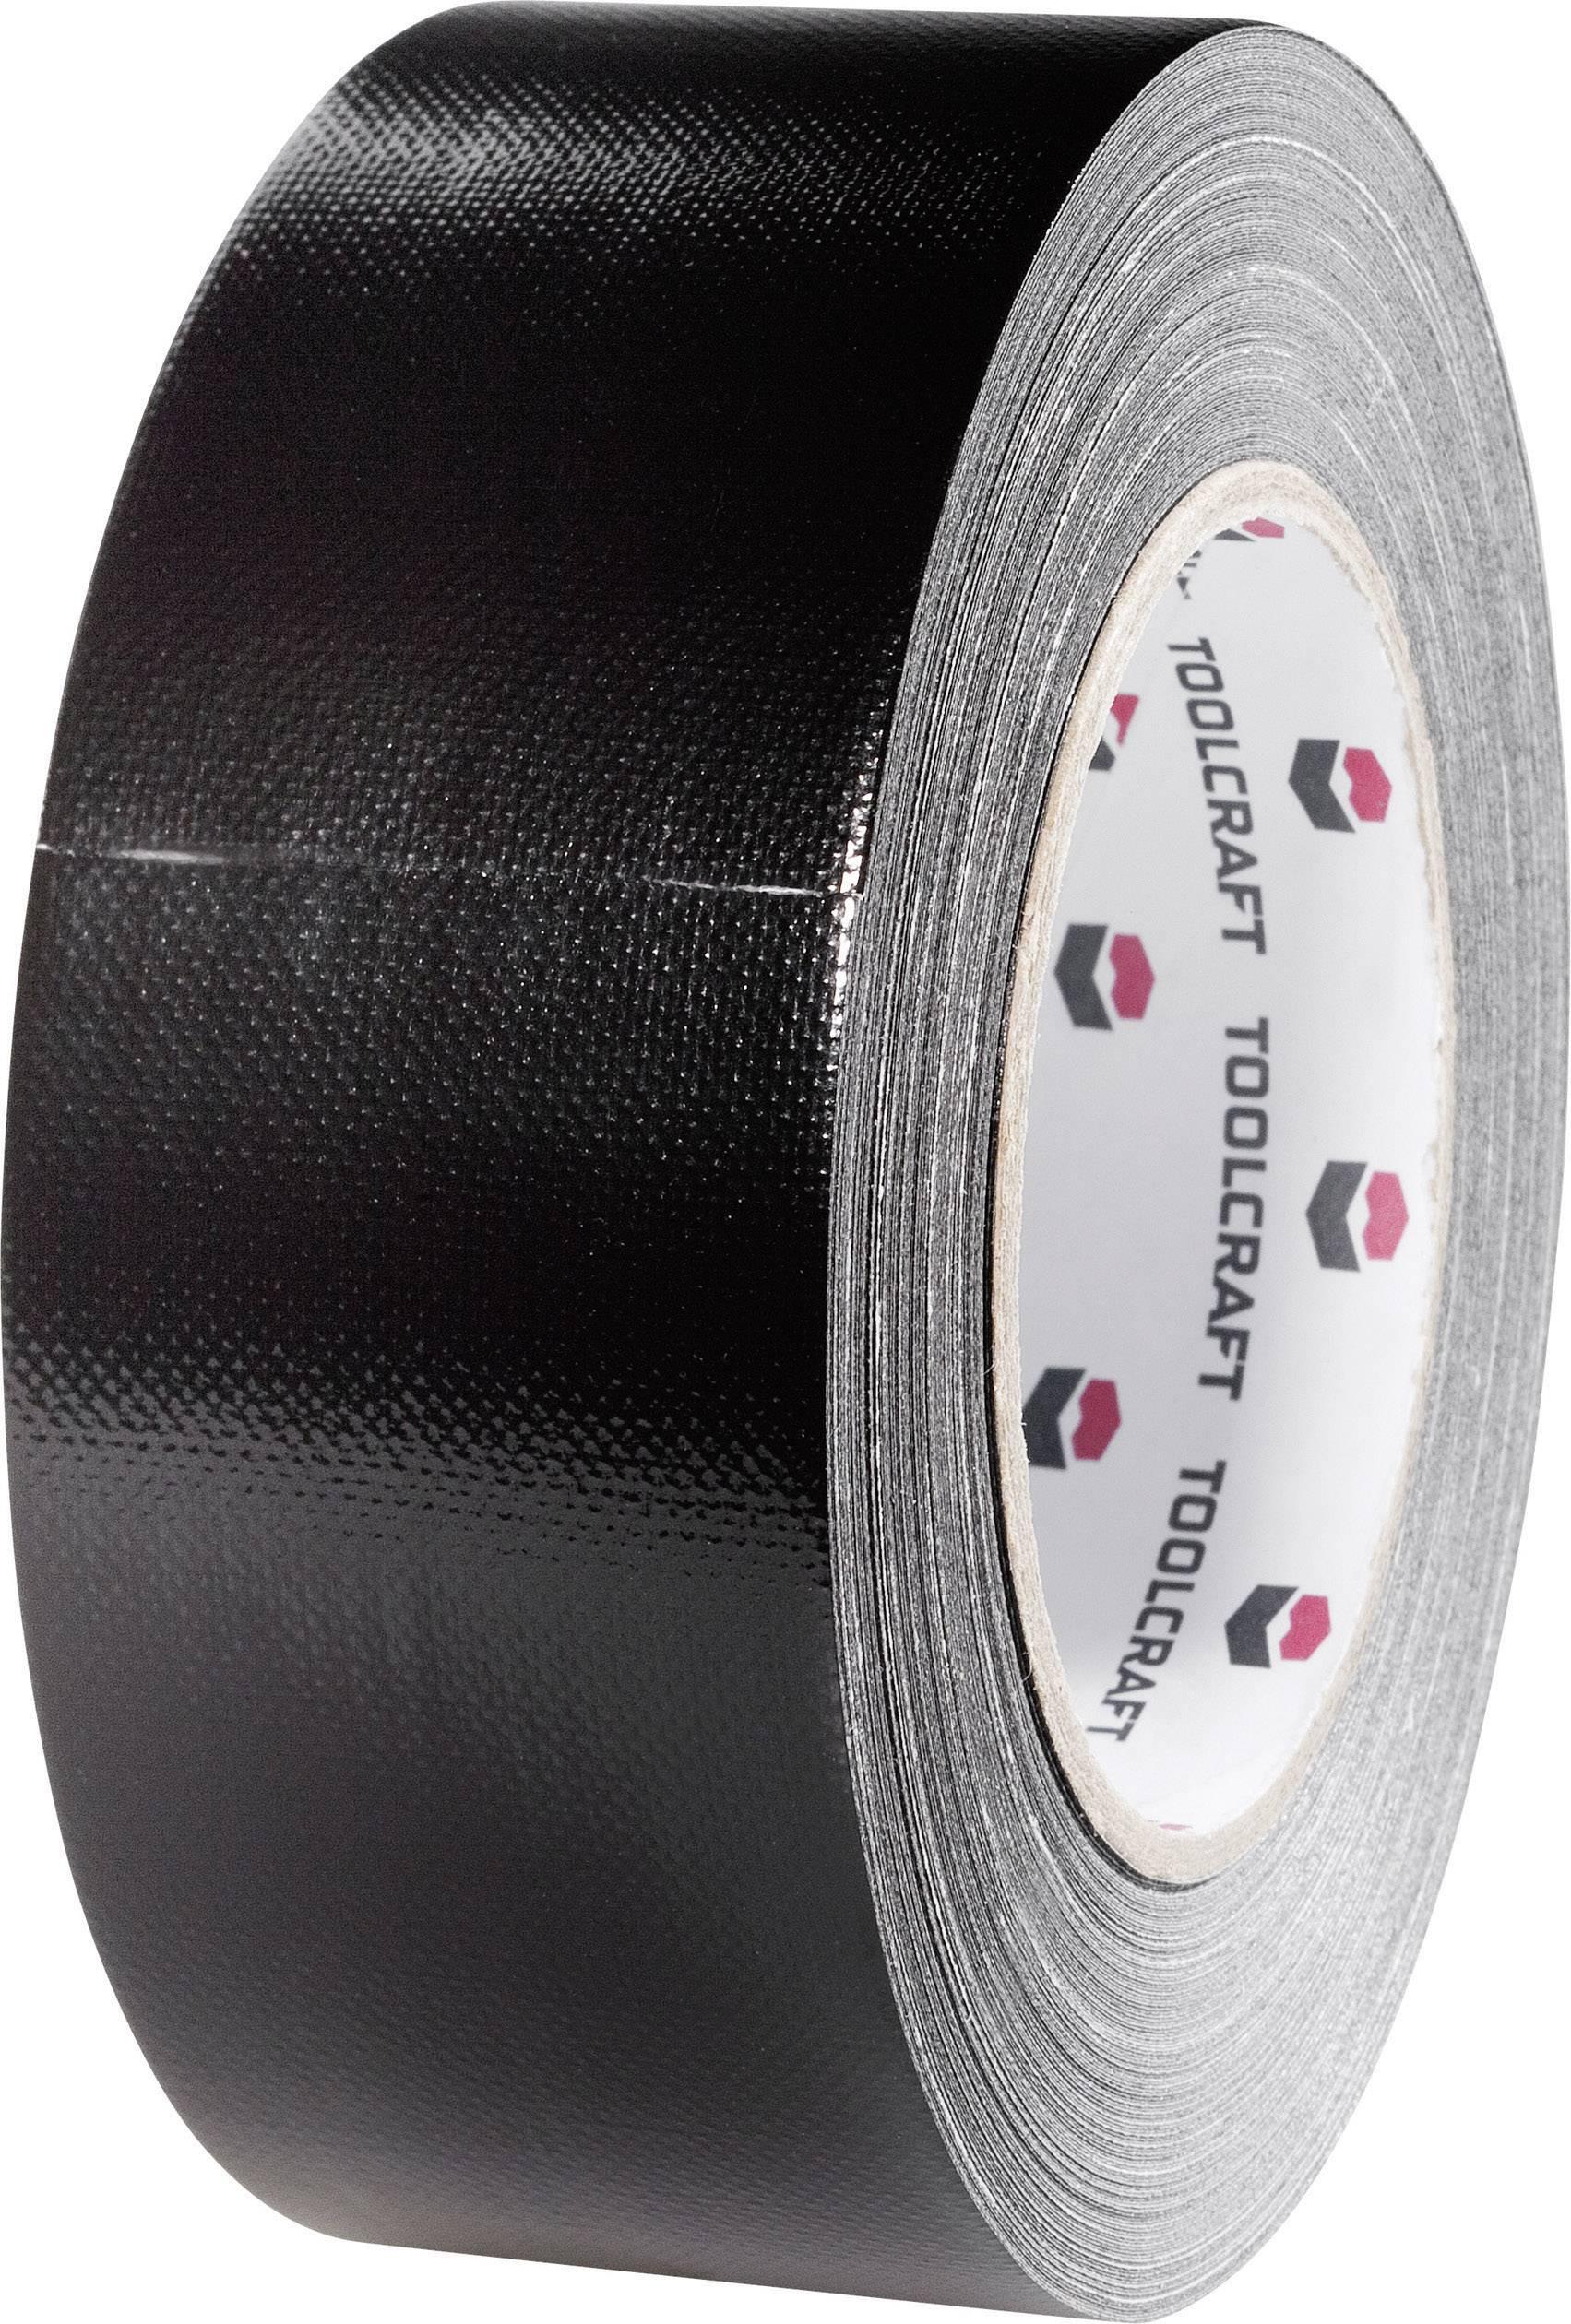 Páska so skleným vláknom TOOLCRAFT 54B48L20SC 54B48L20SC, (d x š) 20 m x 48 mm, čierna, 1 roliek